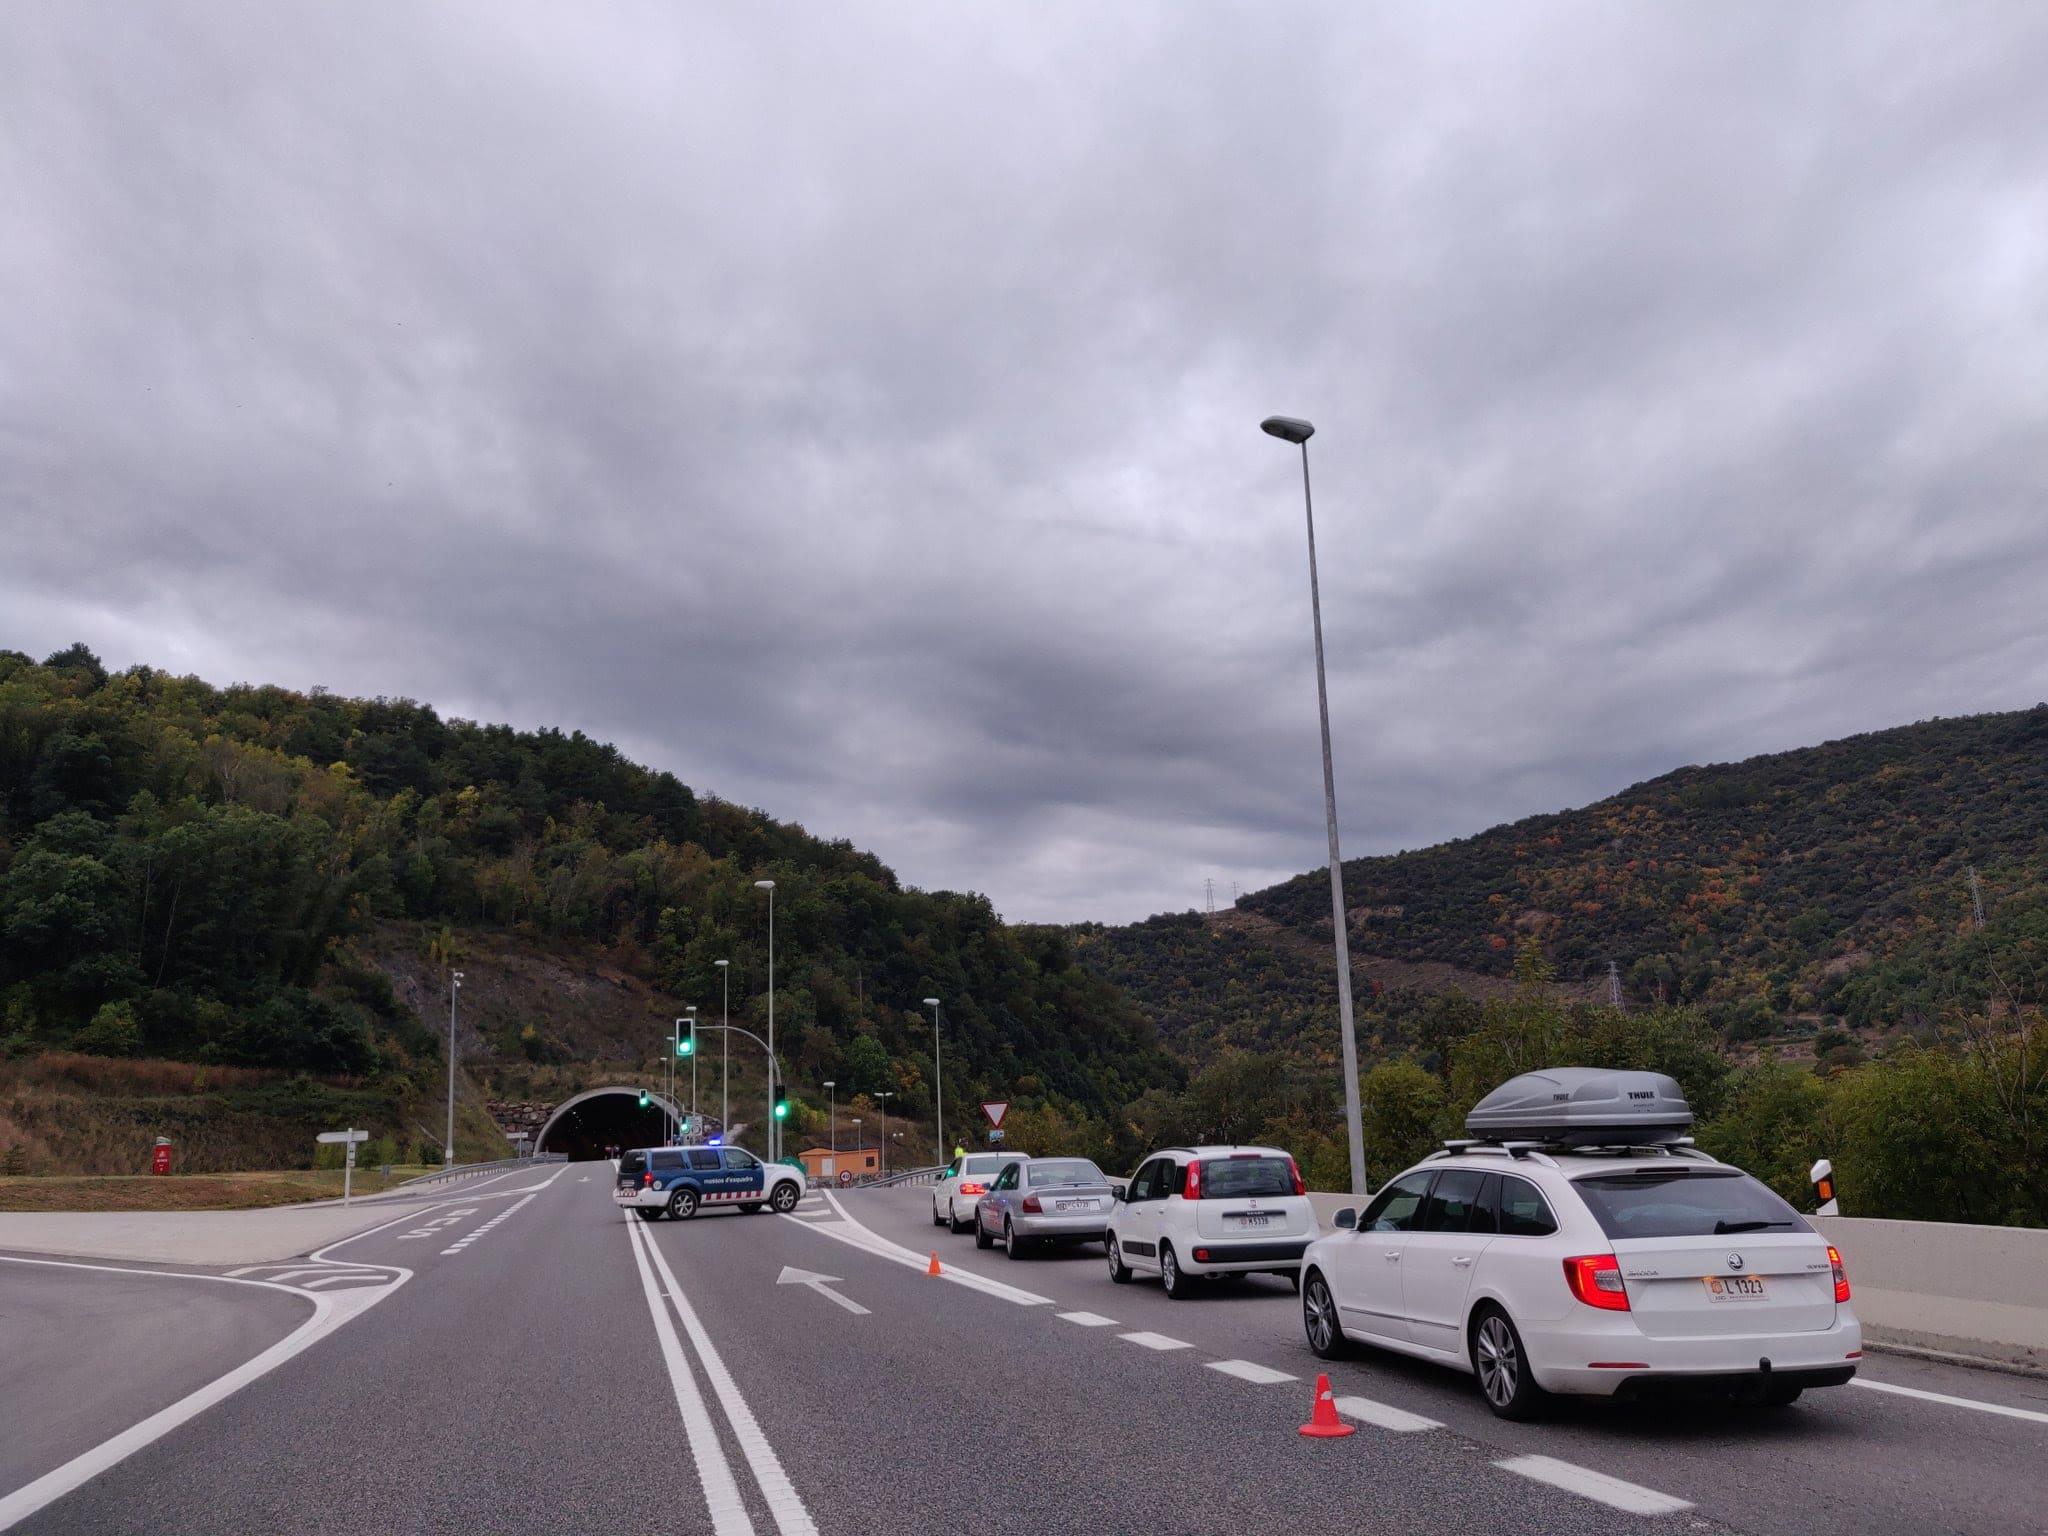 Trànsit: Habilitat pas alternatiu a Anserall pel tall de l'N-145 i tall a l'N-152 a Puigcerdà